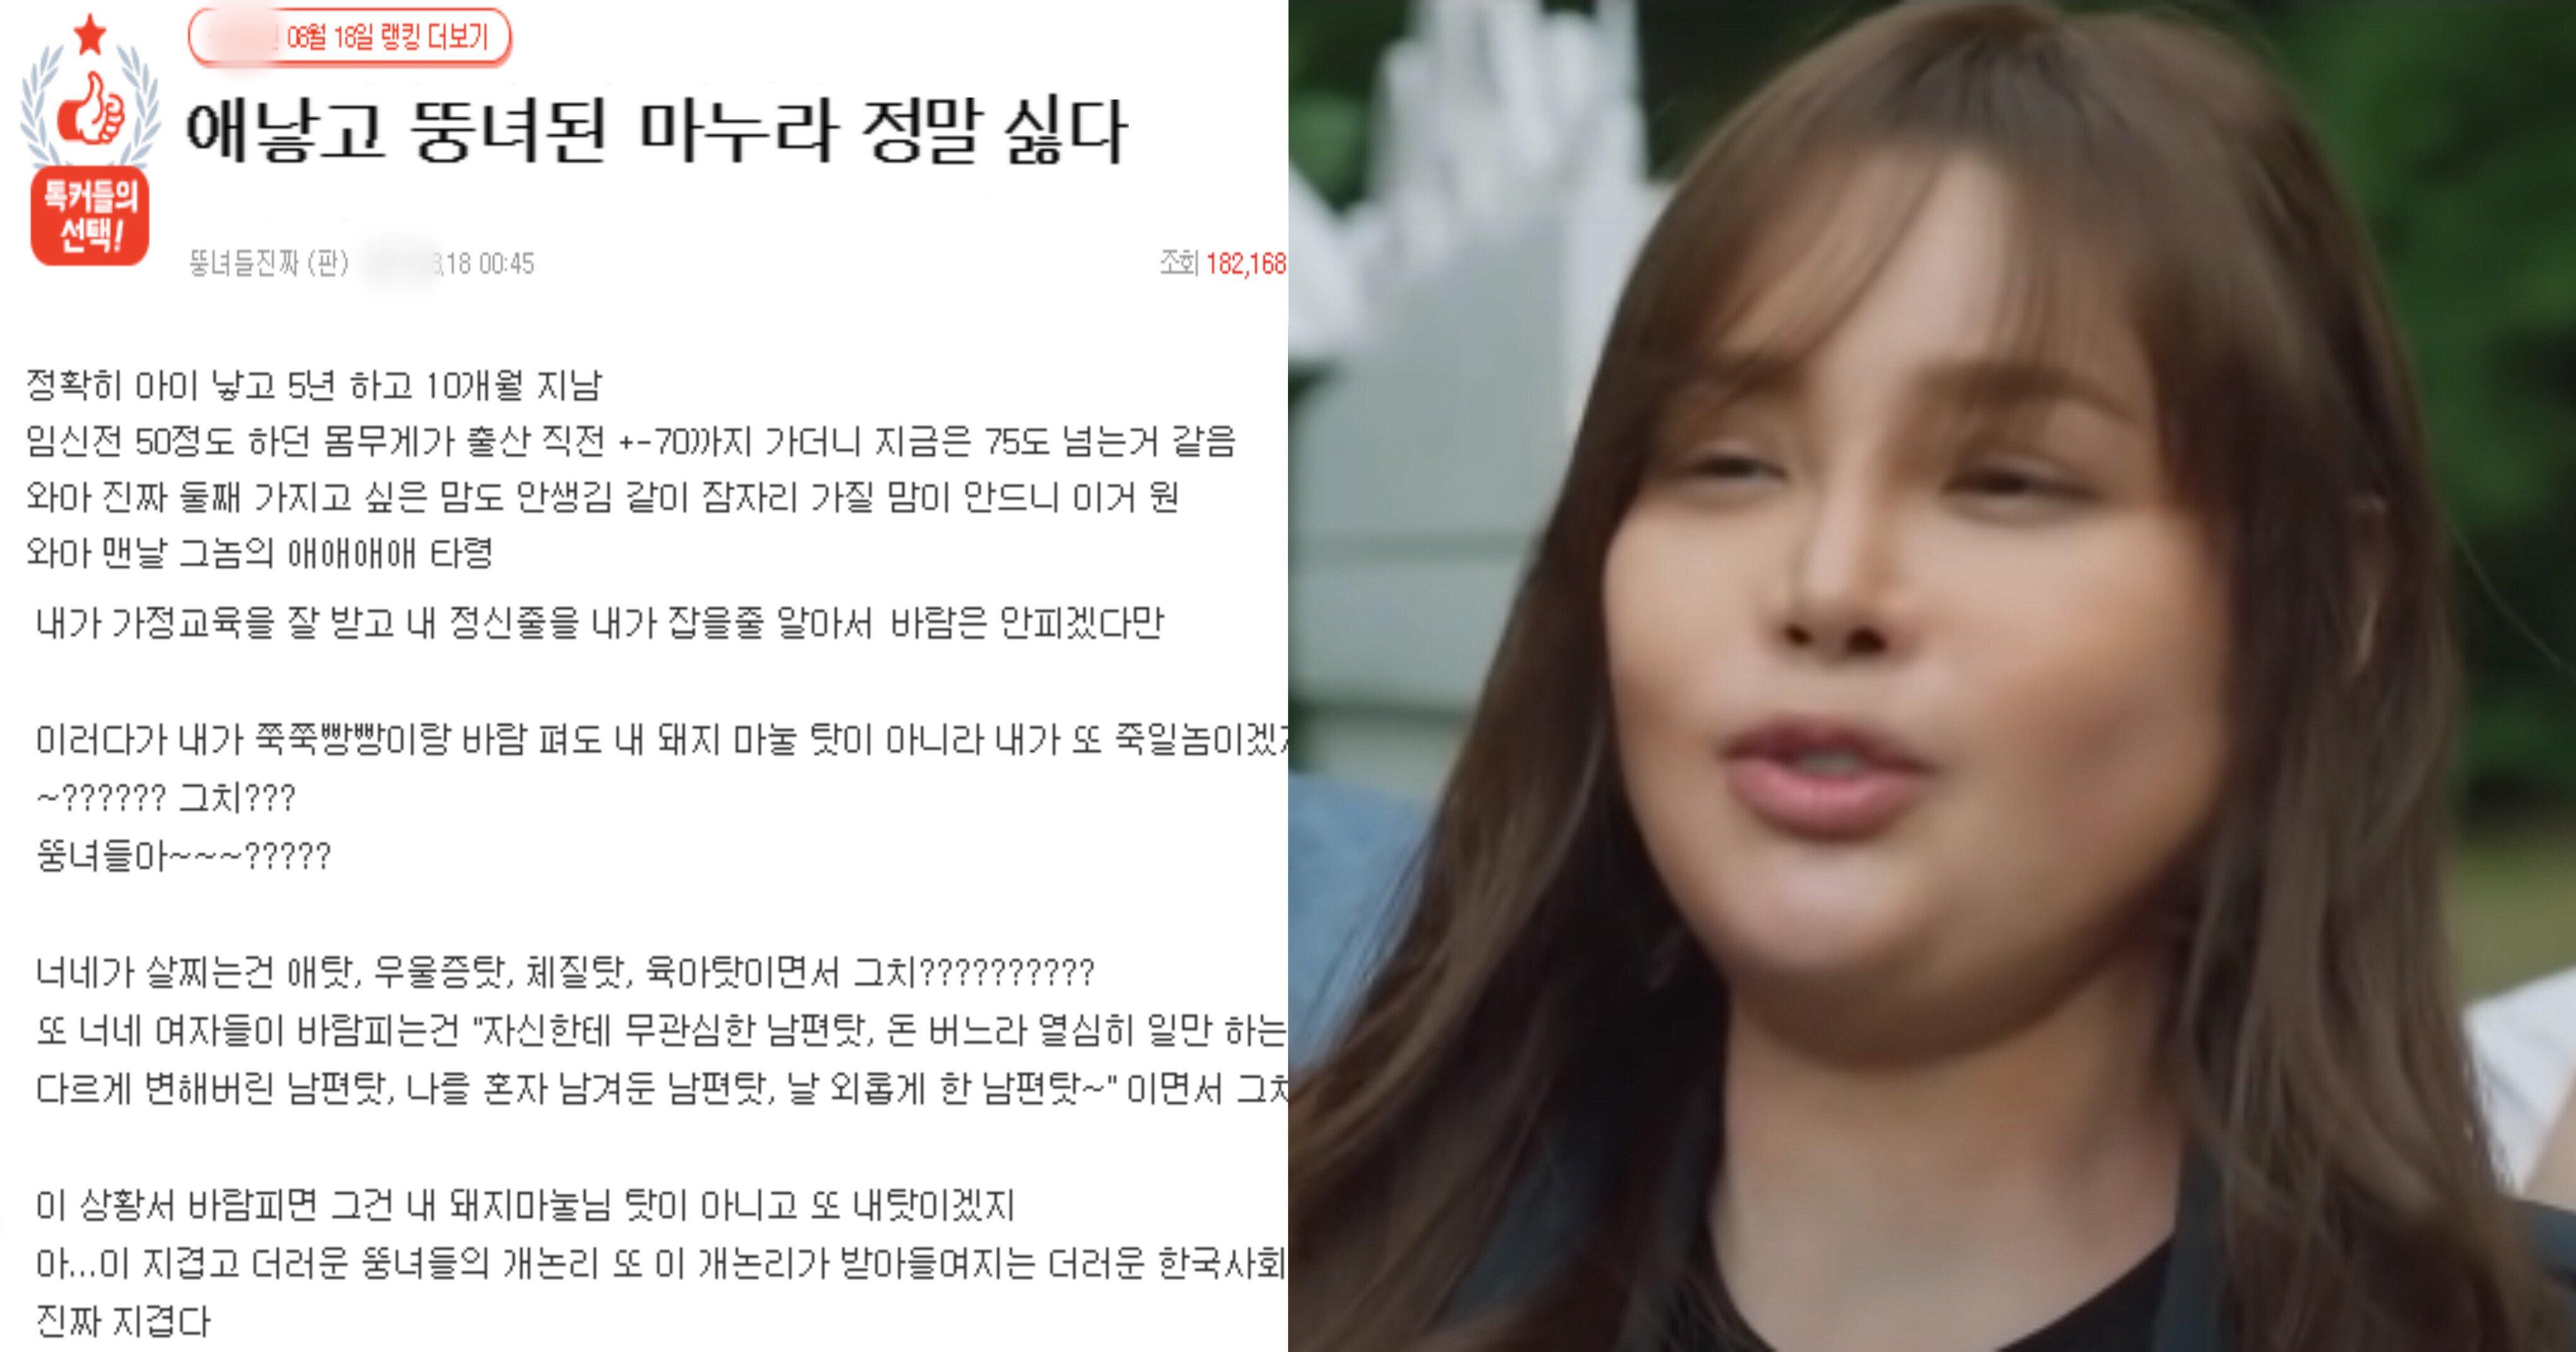 """1233.jpg?resize=412,275 - """"애낳고 뚱녀된 마누라 정말 싫다""""며 네티즌들 사이에서 논란되고 있는 한 남성의 사연"""